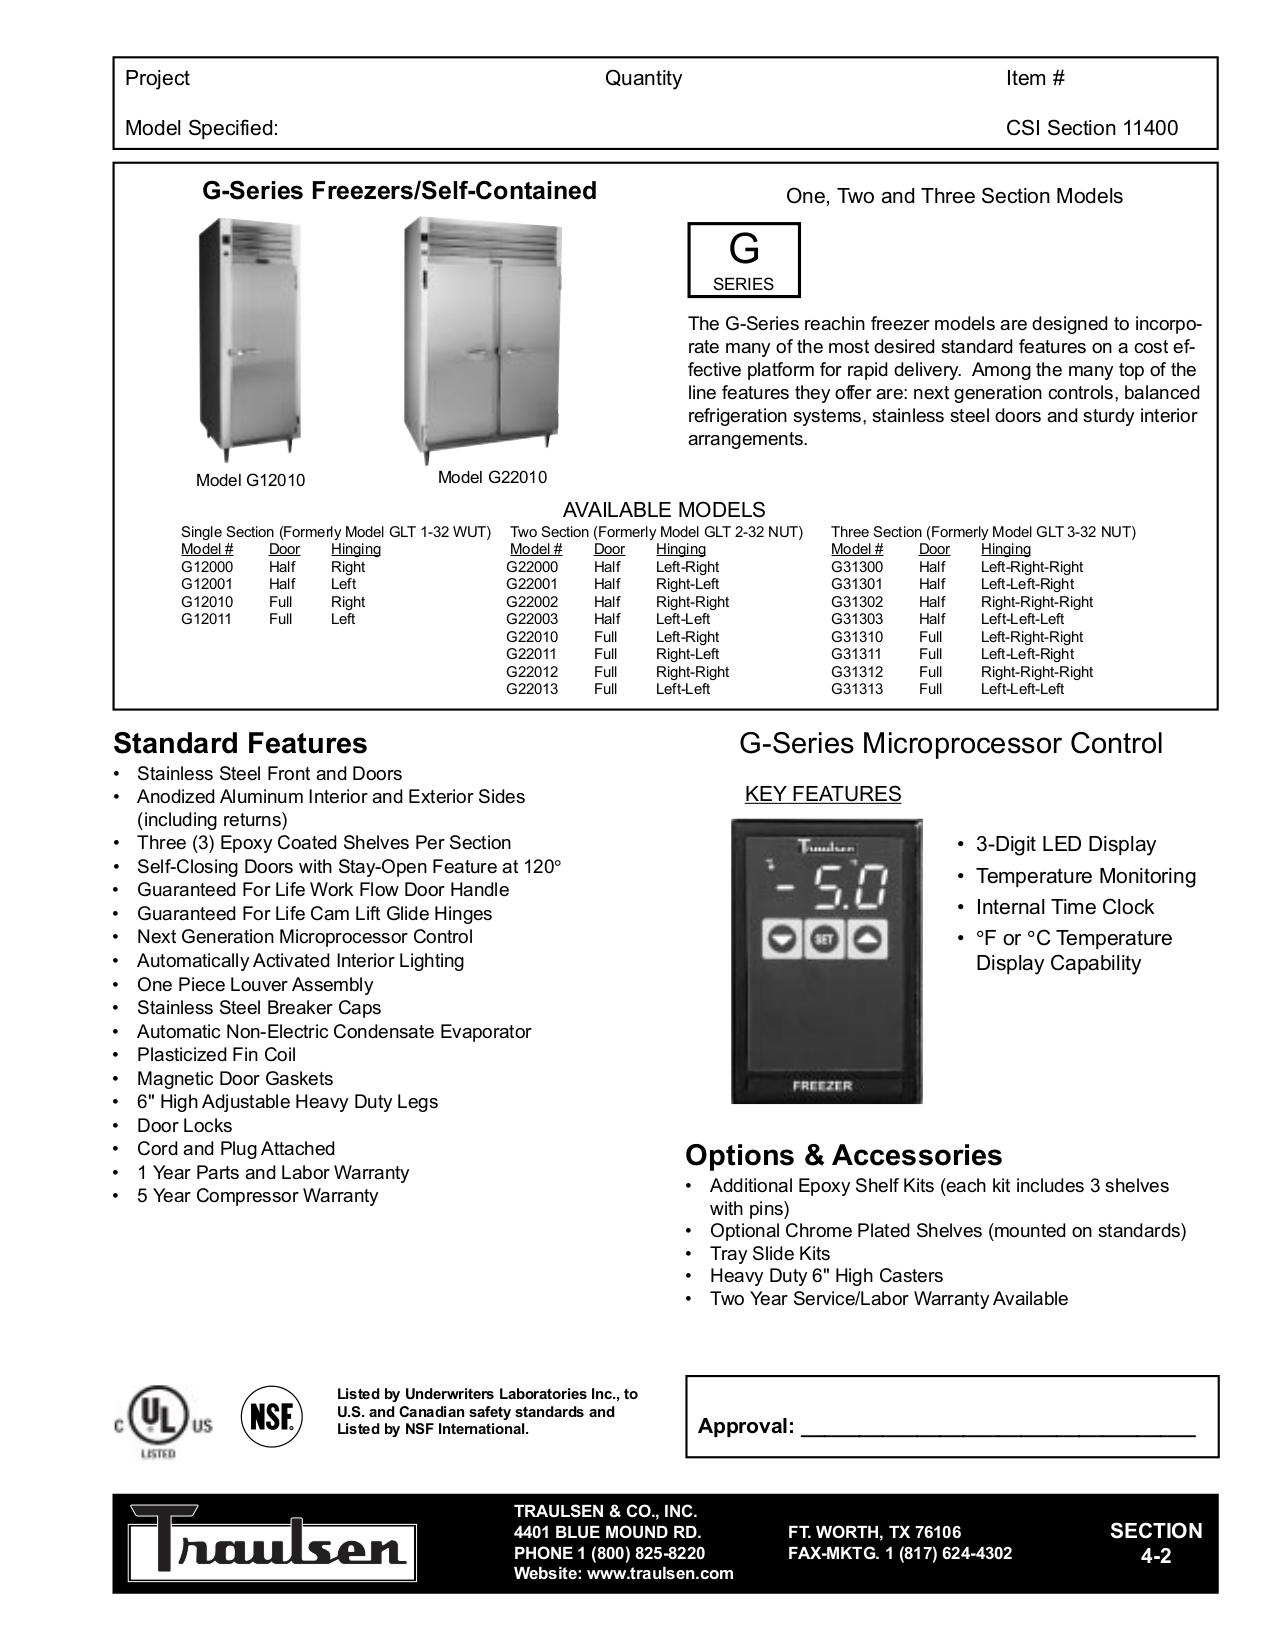 pdf for Traulsen Freezer G22010 manual